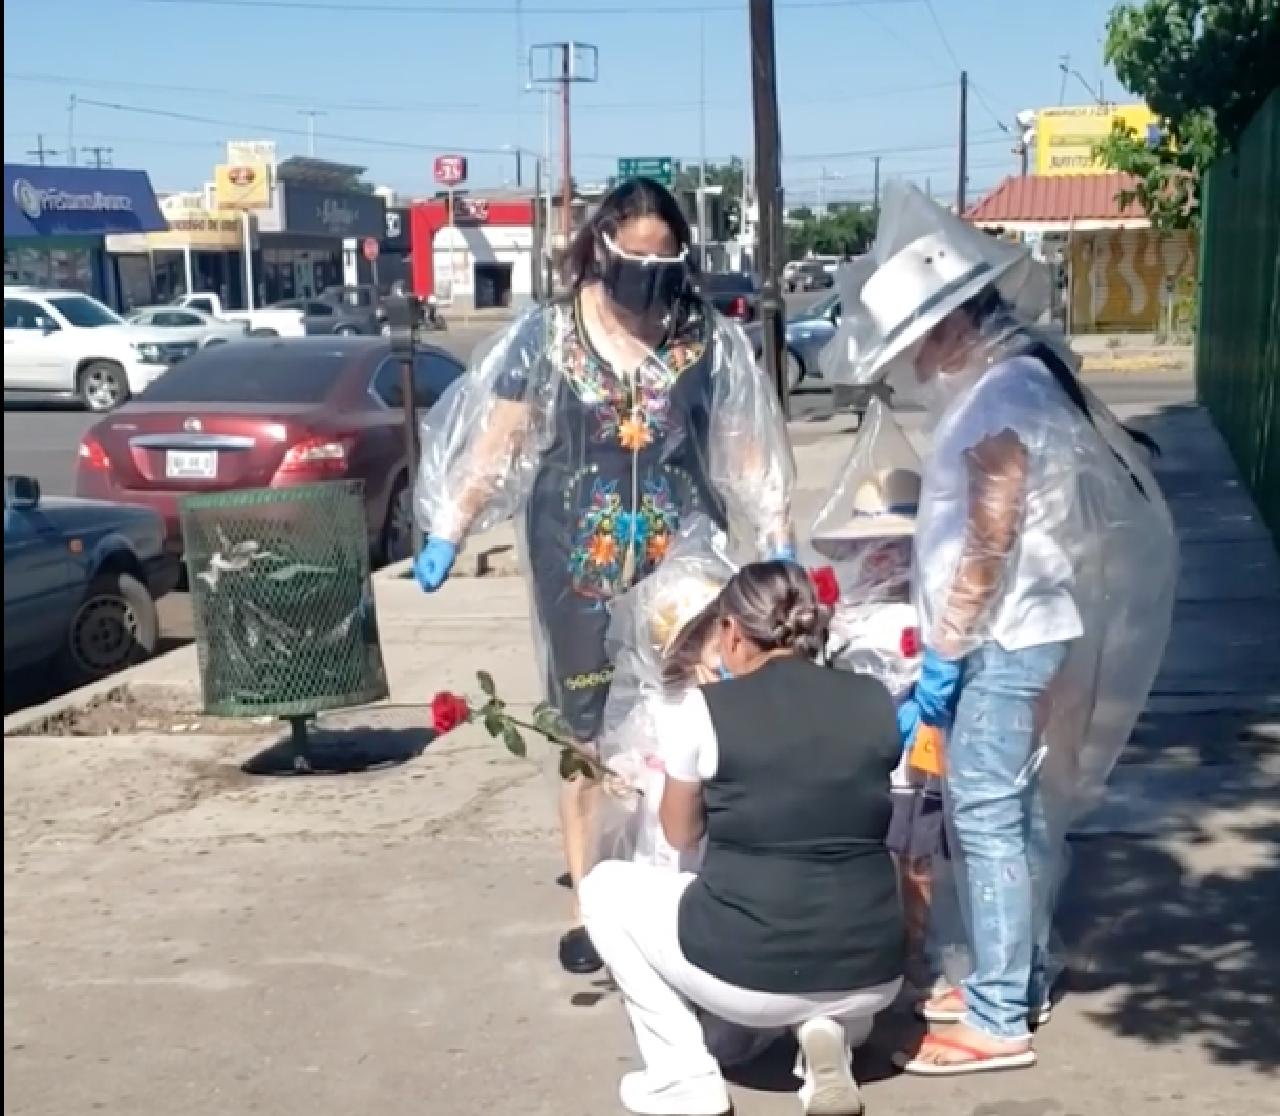 Dia-de-la-Madre-Día-de-la-Madre-Madre-Niños-se-Cubren-de-Plastico-Plástico-Mama-Enfermera-Madre-Enfermera-Ciudad-Delicias-Chihuahua, Ciudad de México, 11 de Mayo 2020